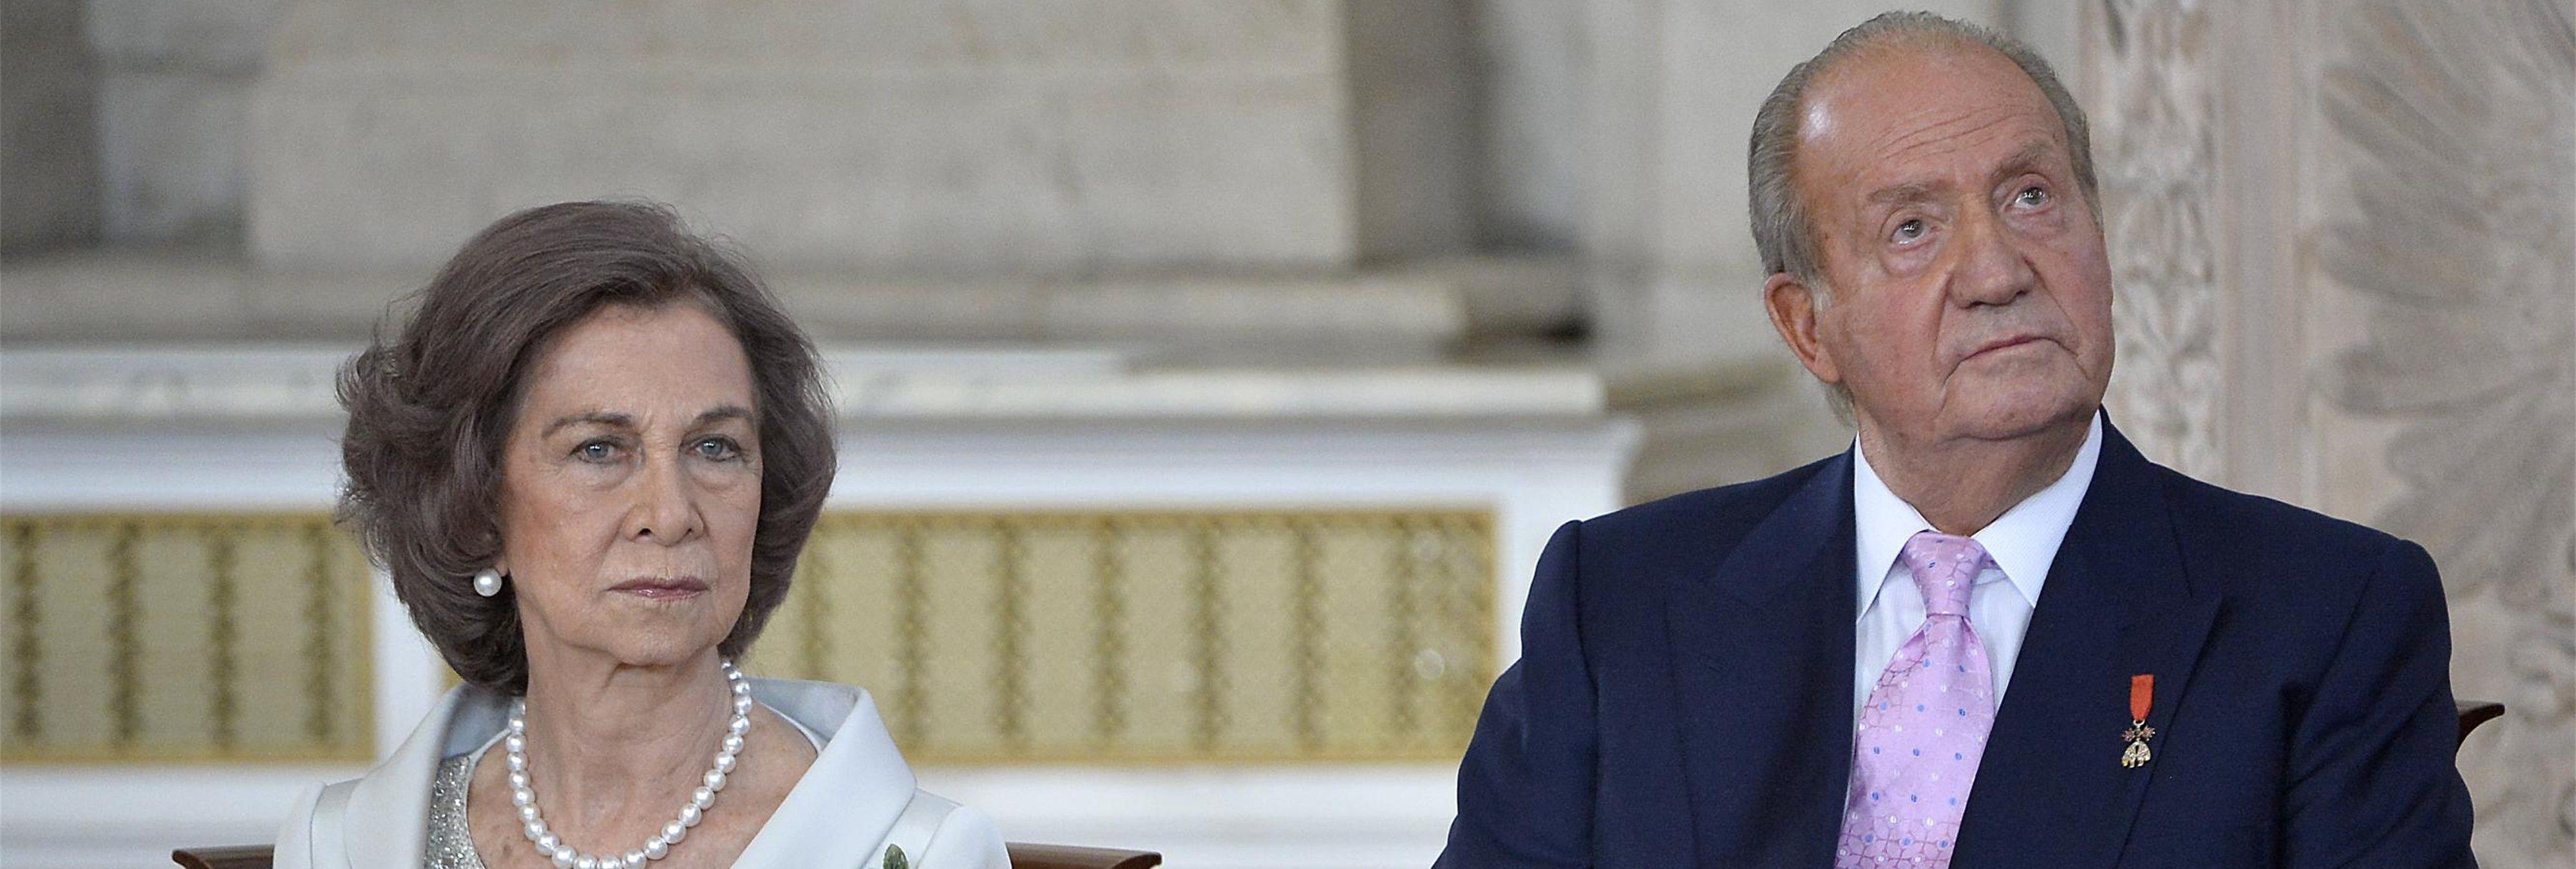 La humillación de doña Sofía: Juan Carlos tenía al menos cuatro amantes en Barcelona